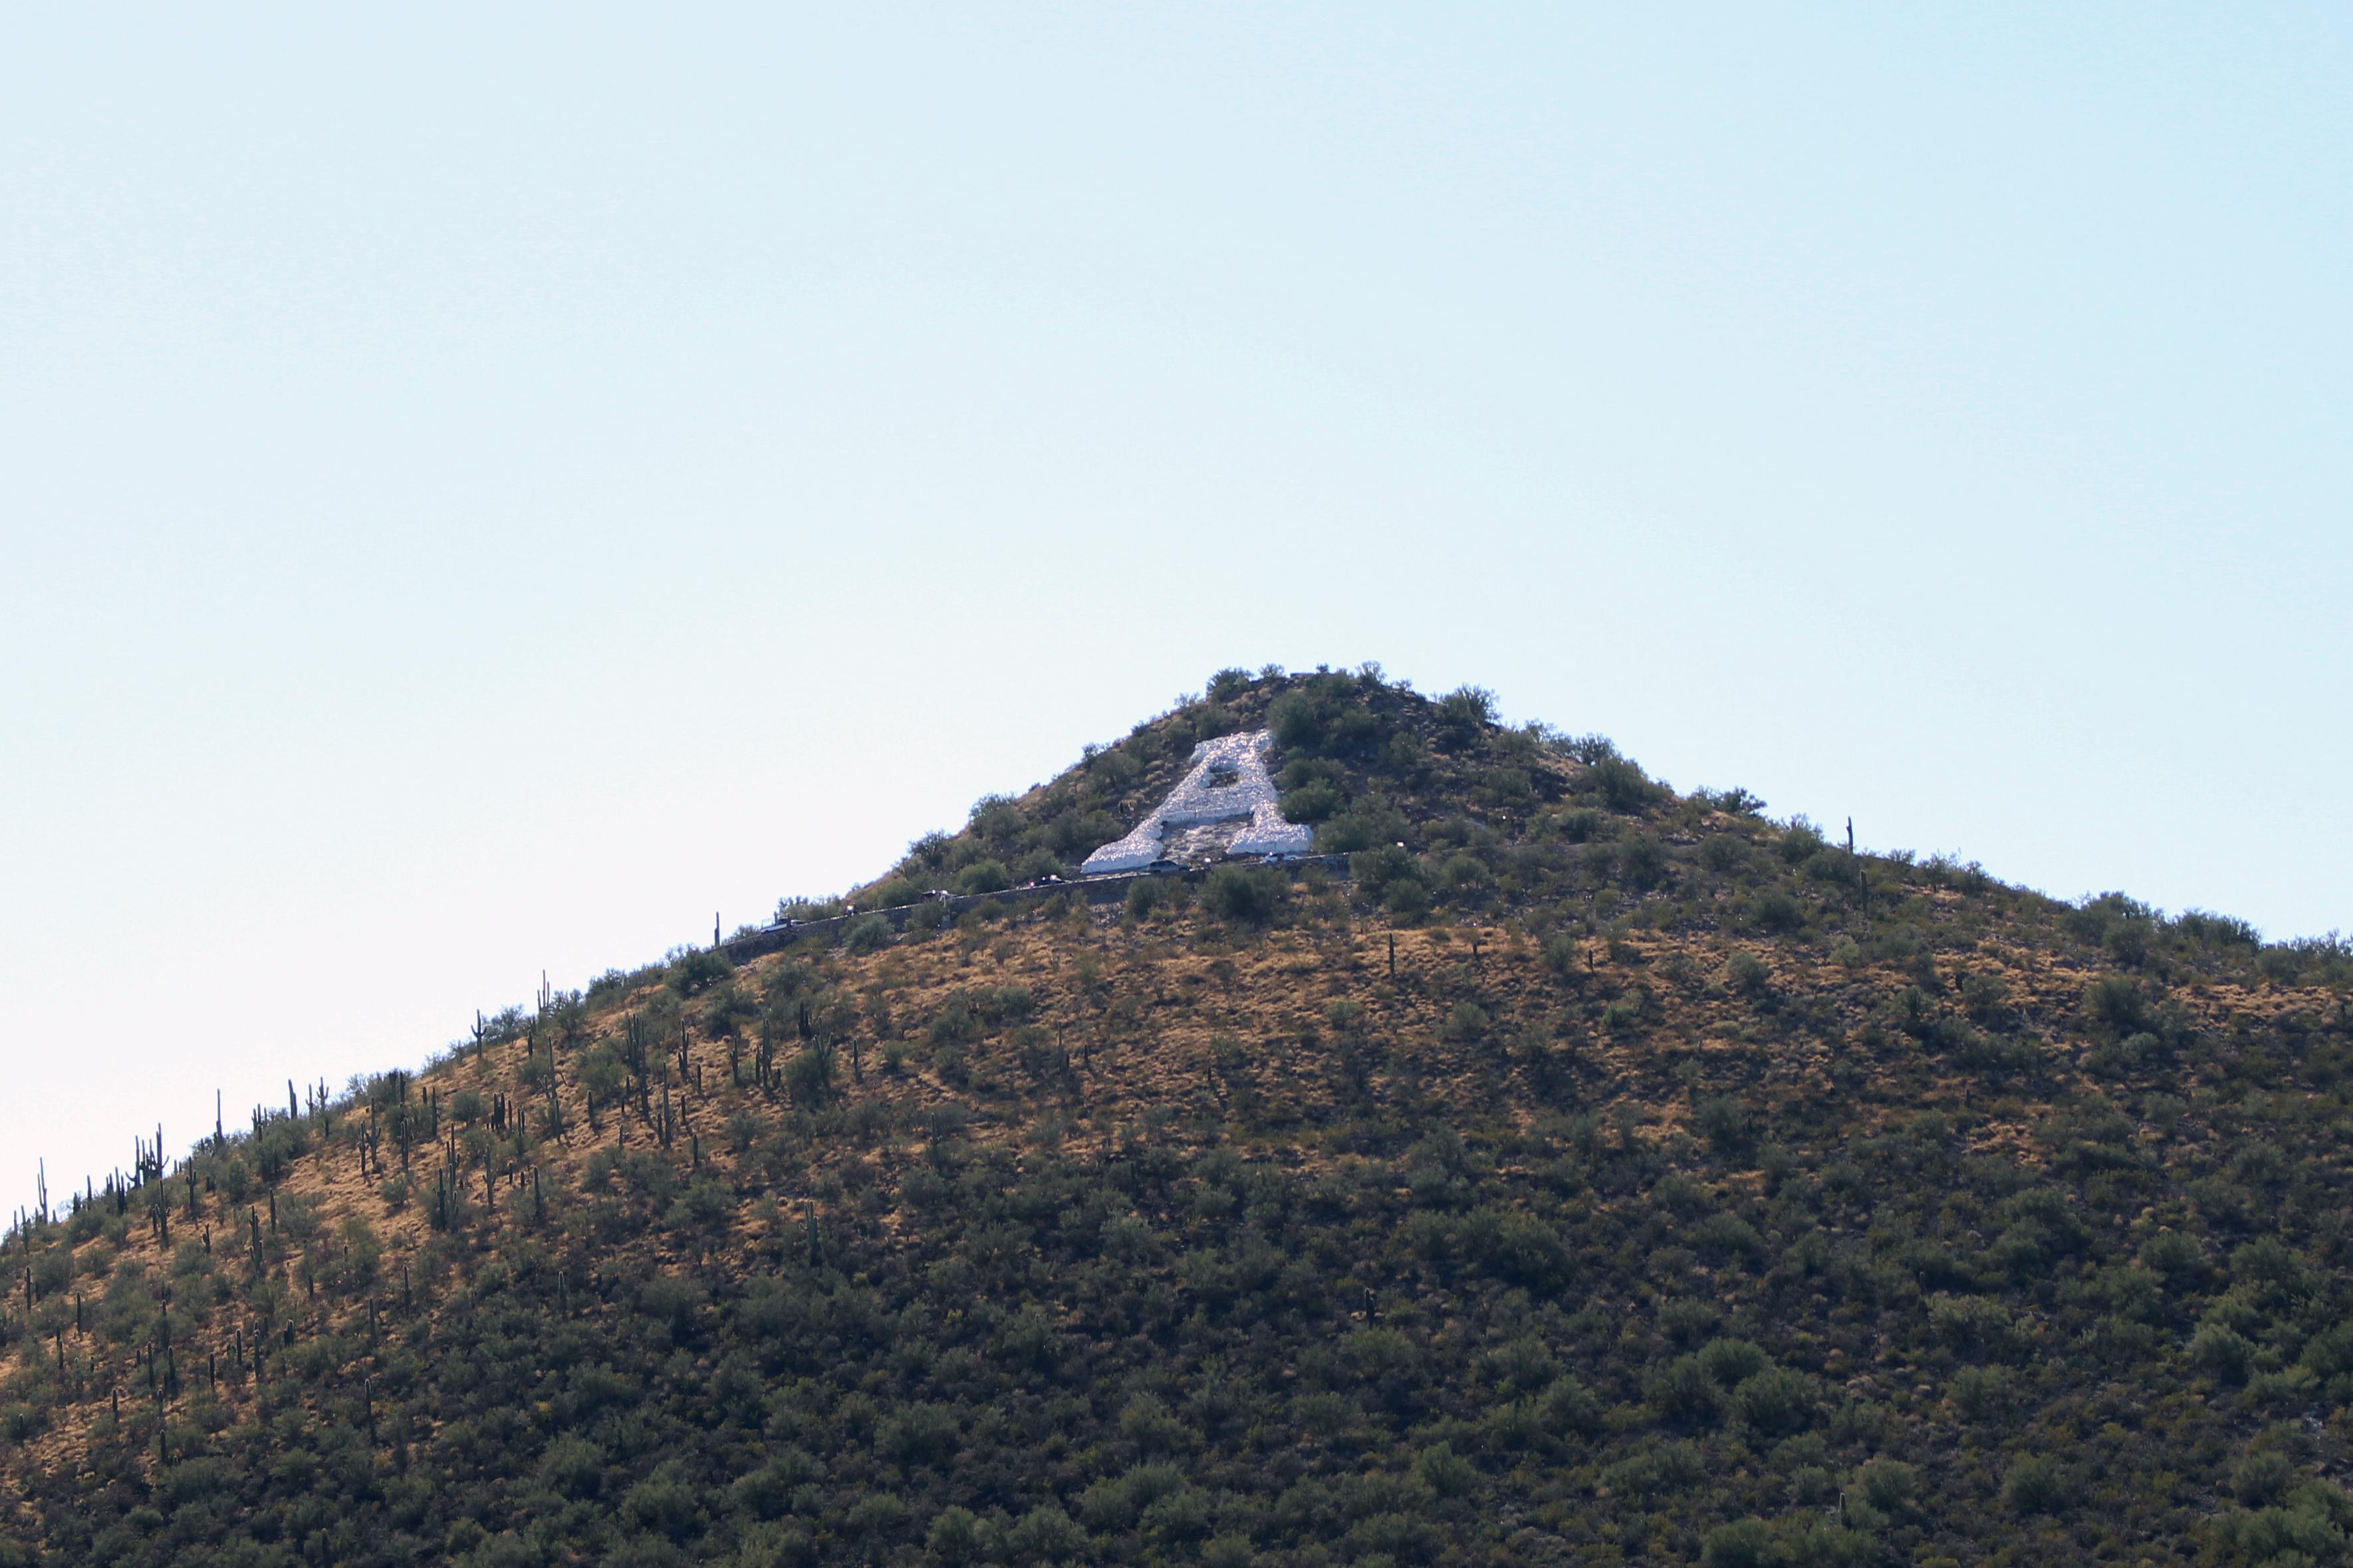 Sentinent Peak in Tucson